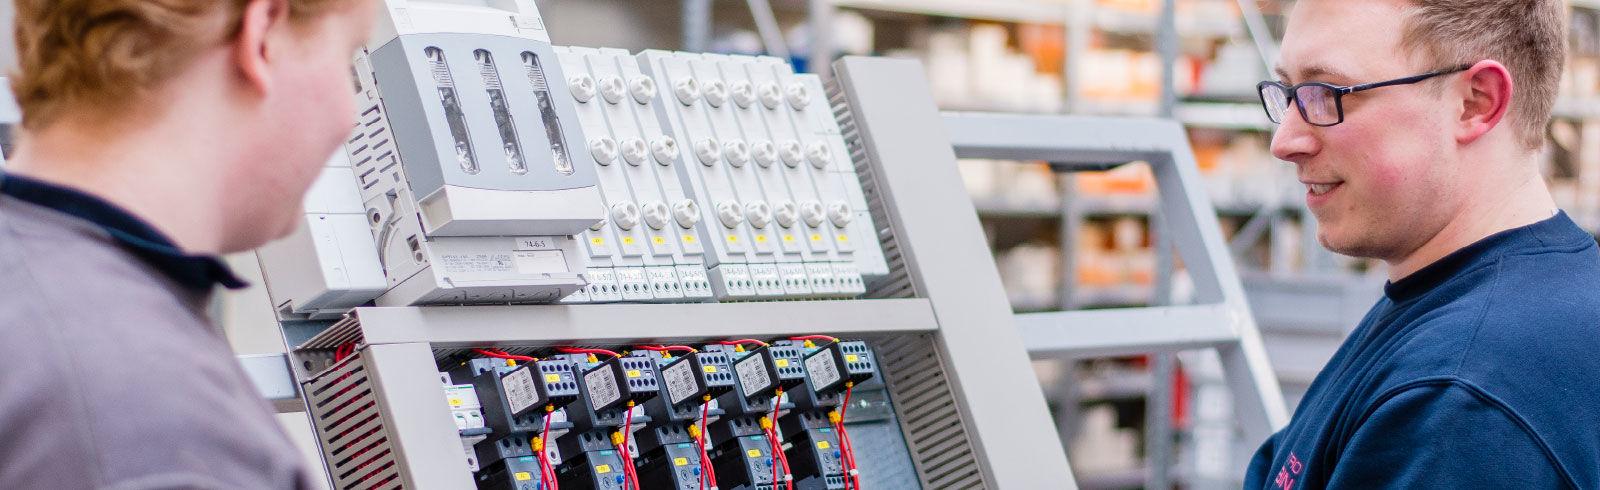 Zwei Mitarbeiter der ROBIN GmbH an einer elektrischen Anlage